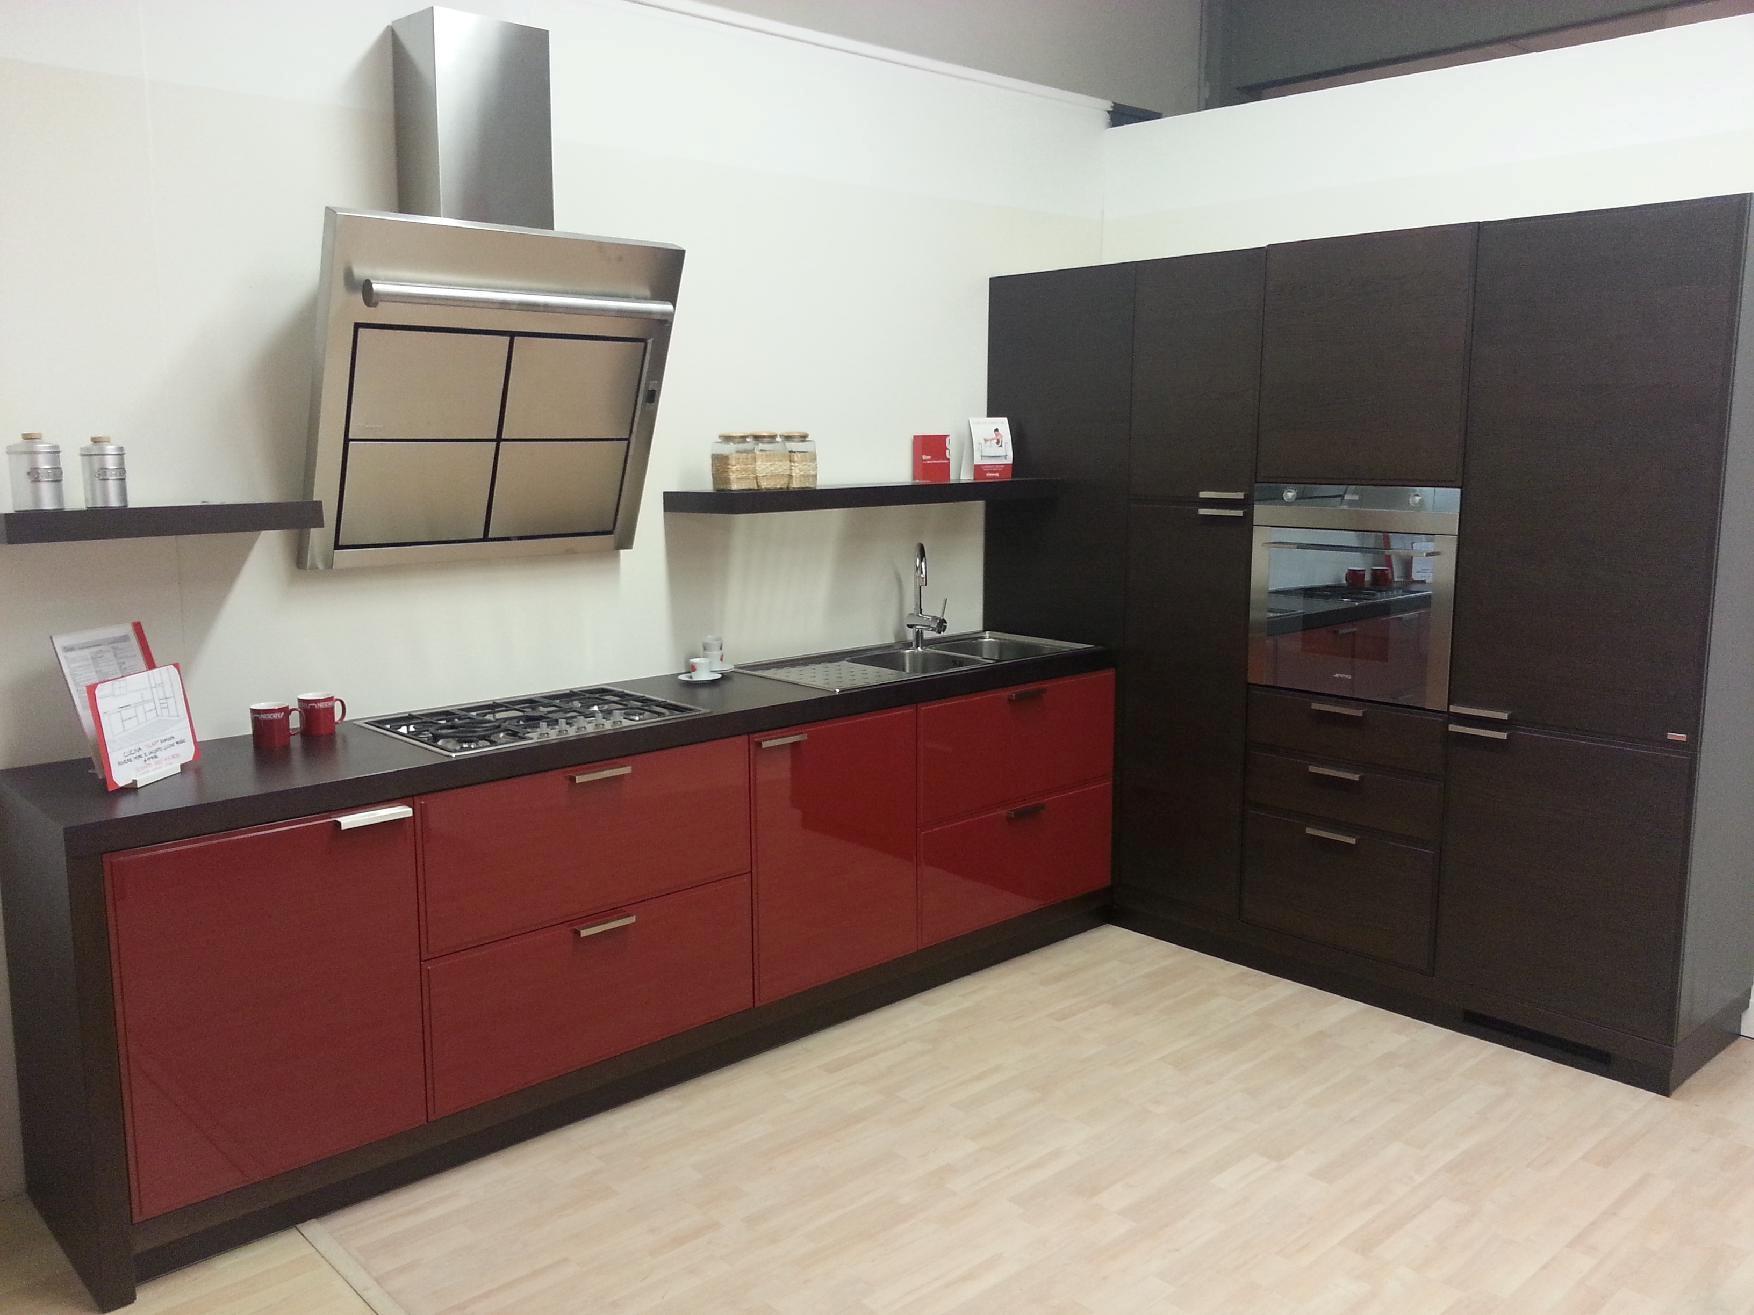 Cucina Rossa Scavolini - Idee Per La Casa - Douglasfalls.com